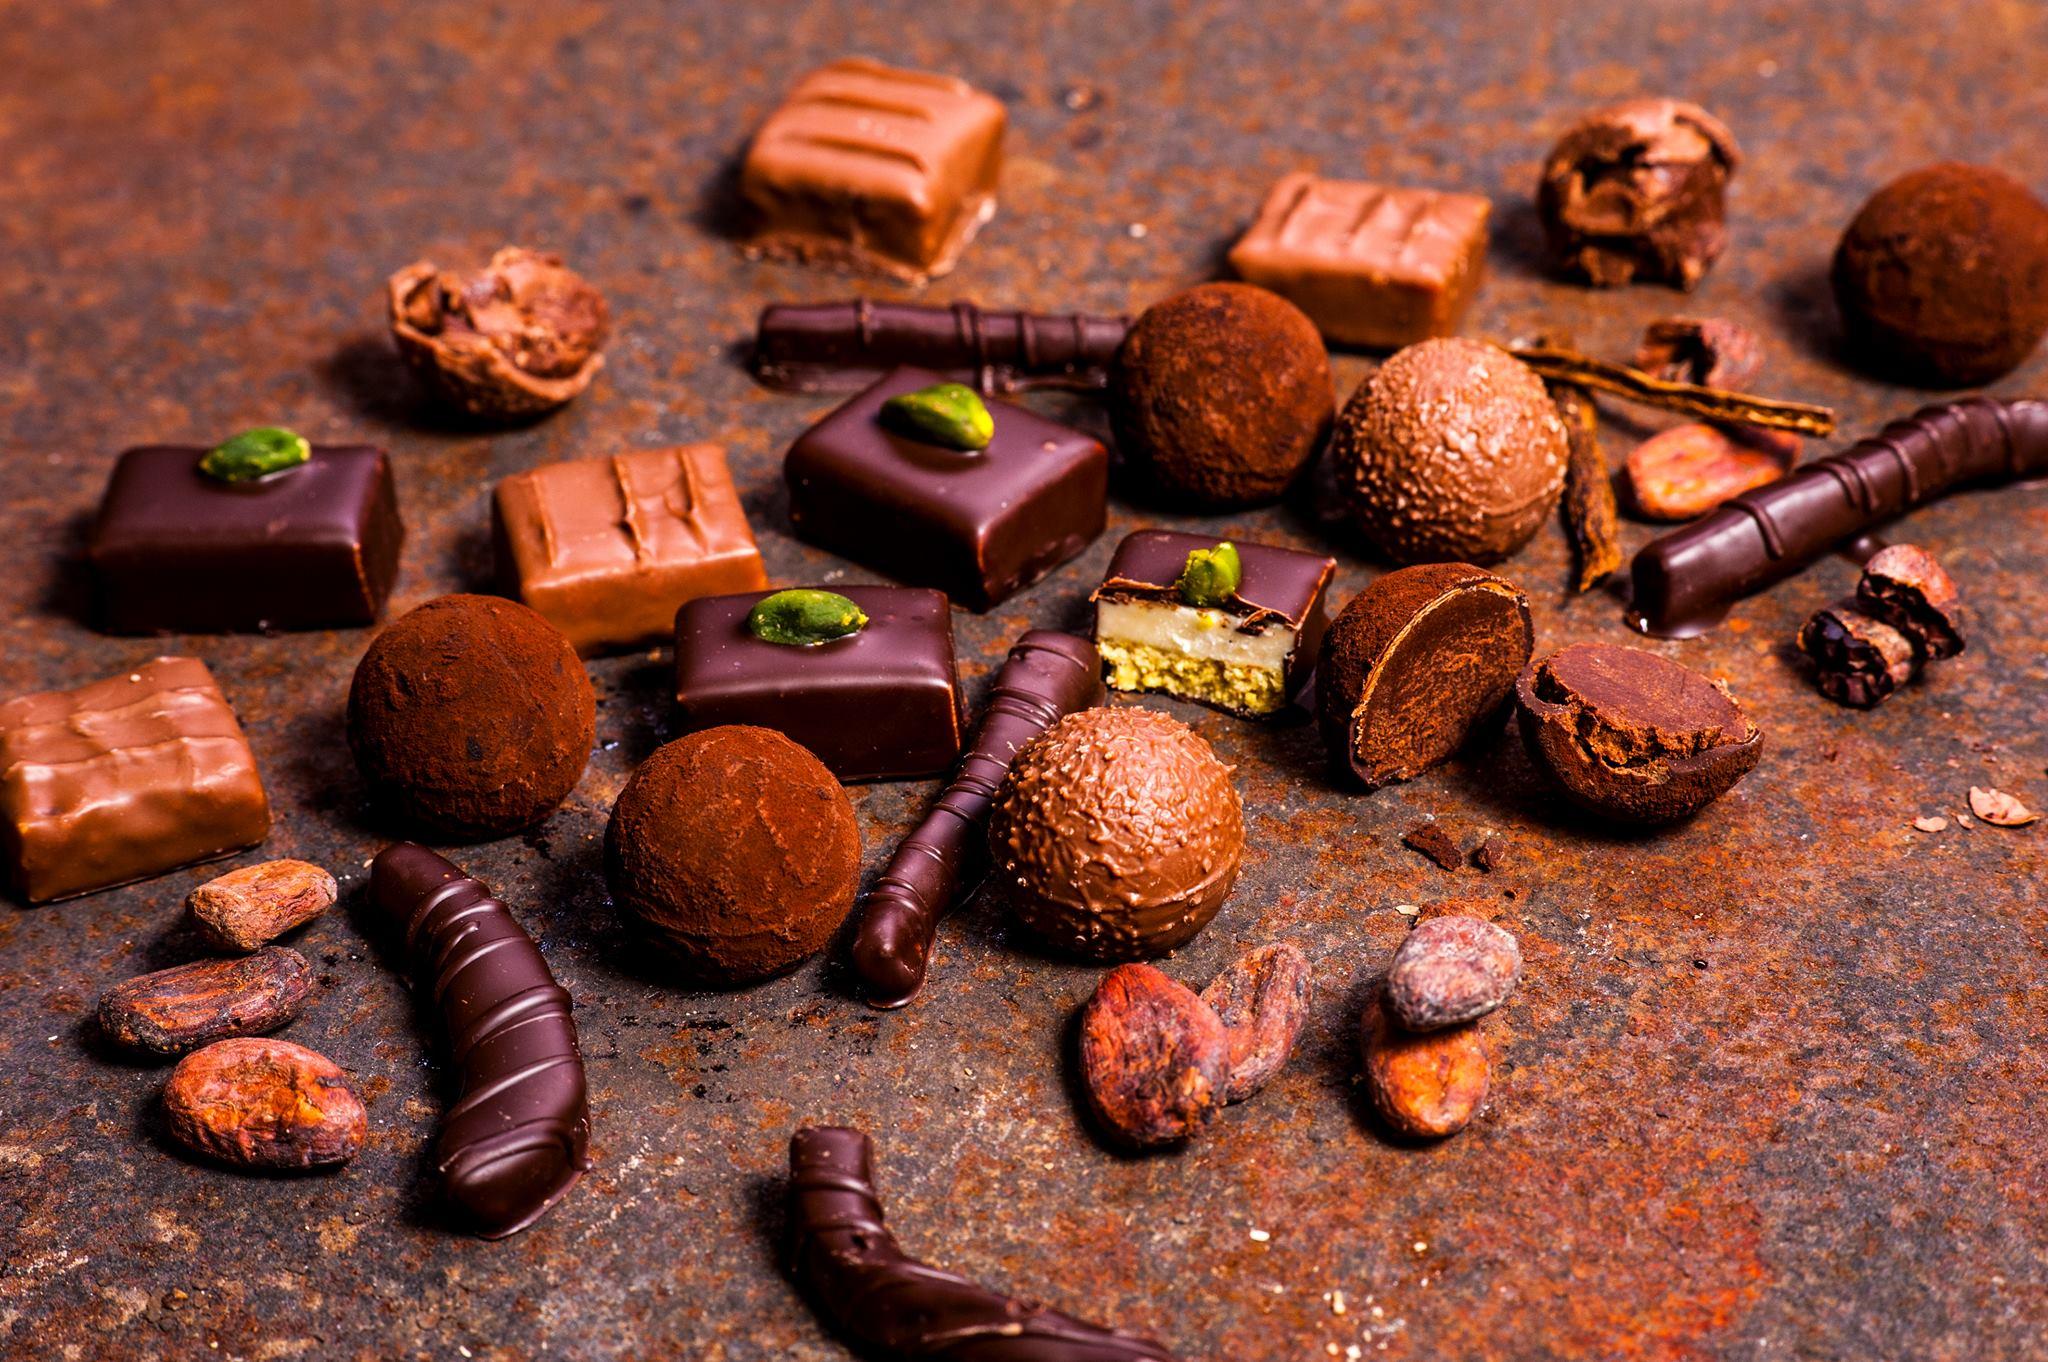 Megvan Magyarország 10 legjobb cukrászdája - Te melyikbe mész el?